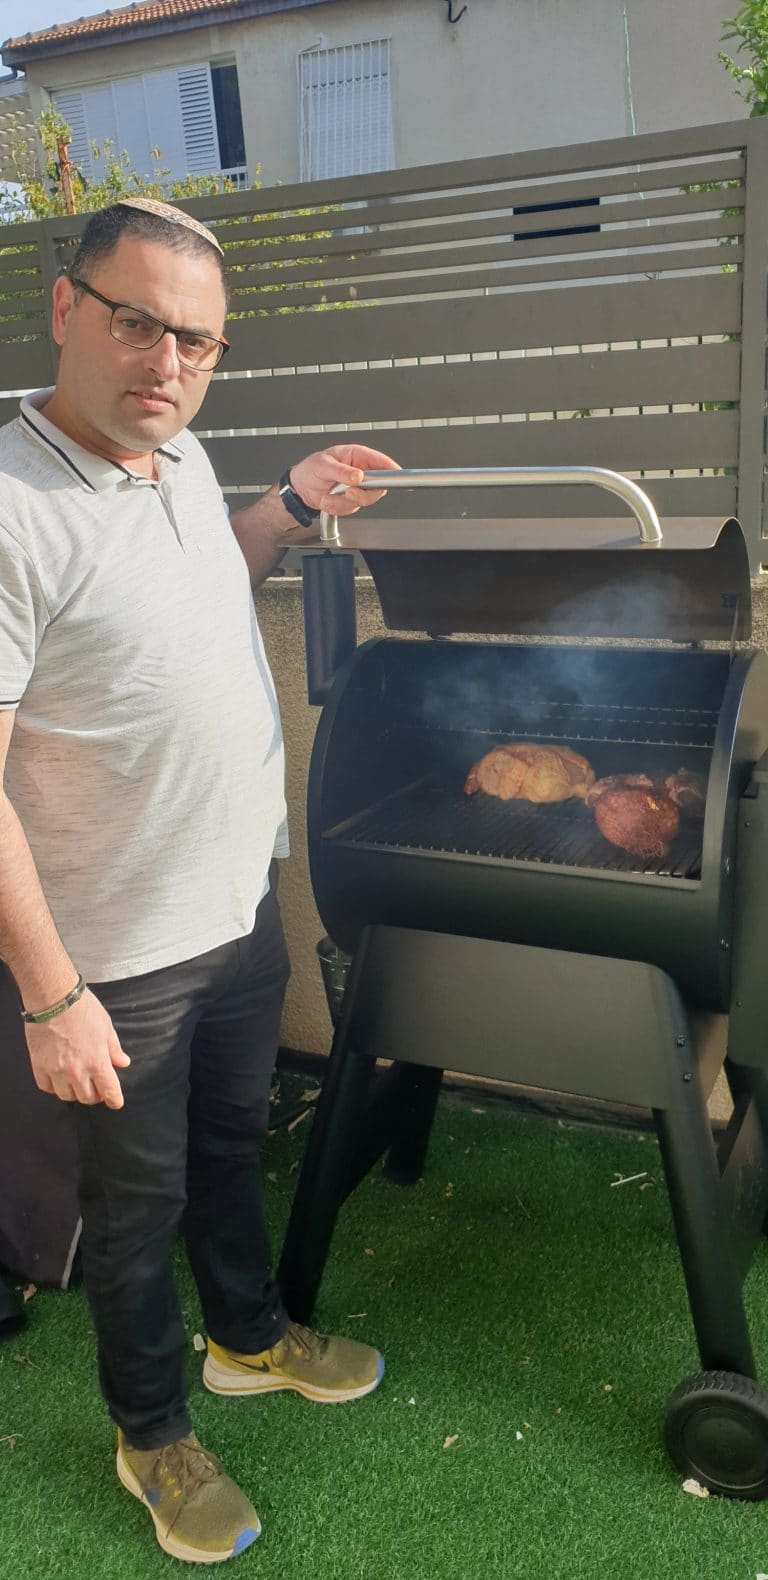 מעשנת בשר של טרייגר פועלת כל הזמן, במיוחד בימי הקורונה